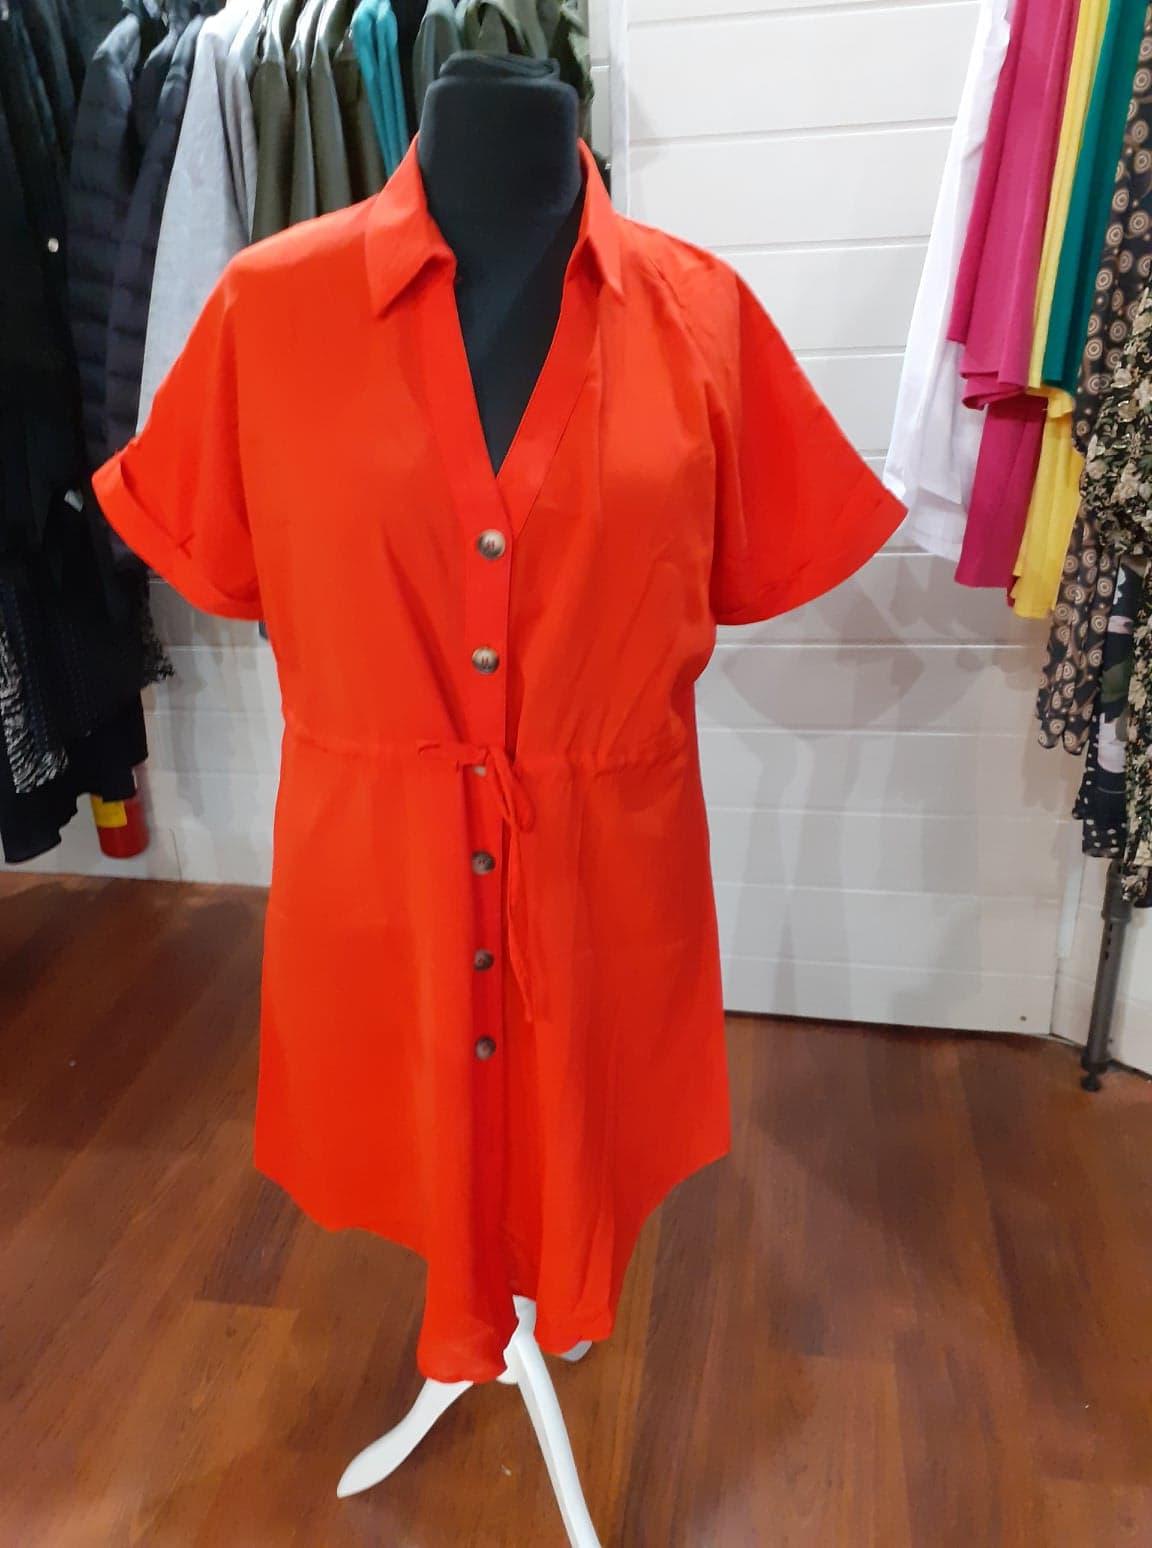 robe rouge boutonné manche courte - rob-rou-bou-man-cou